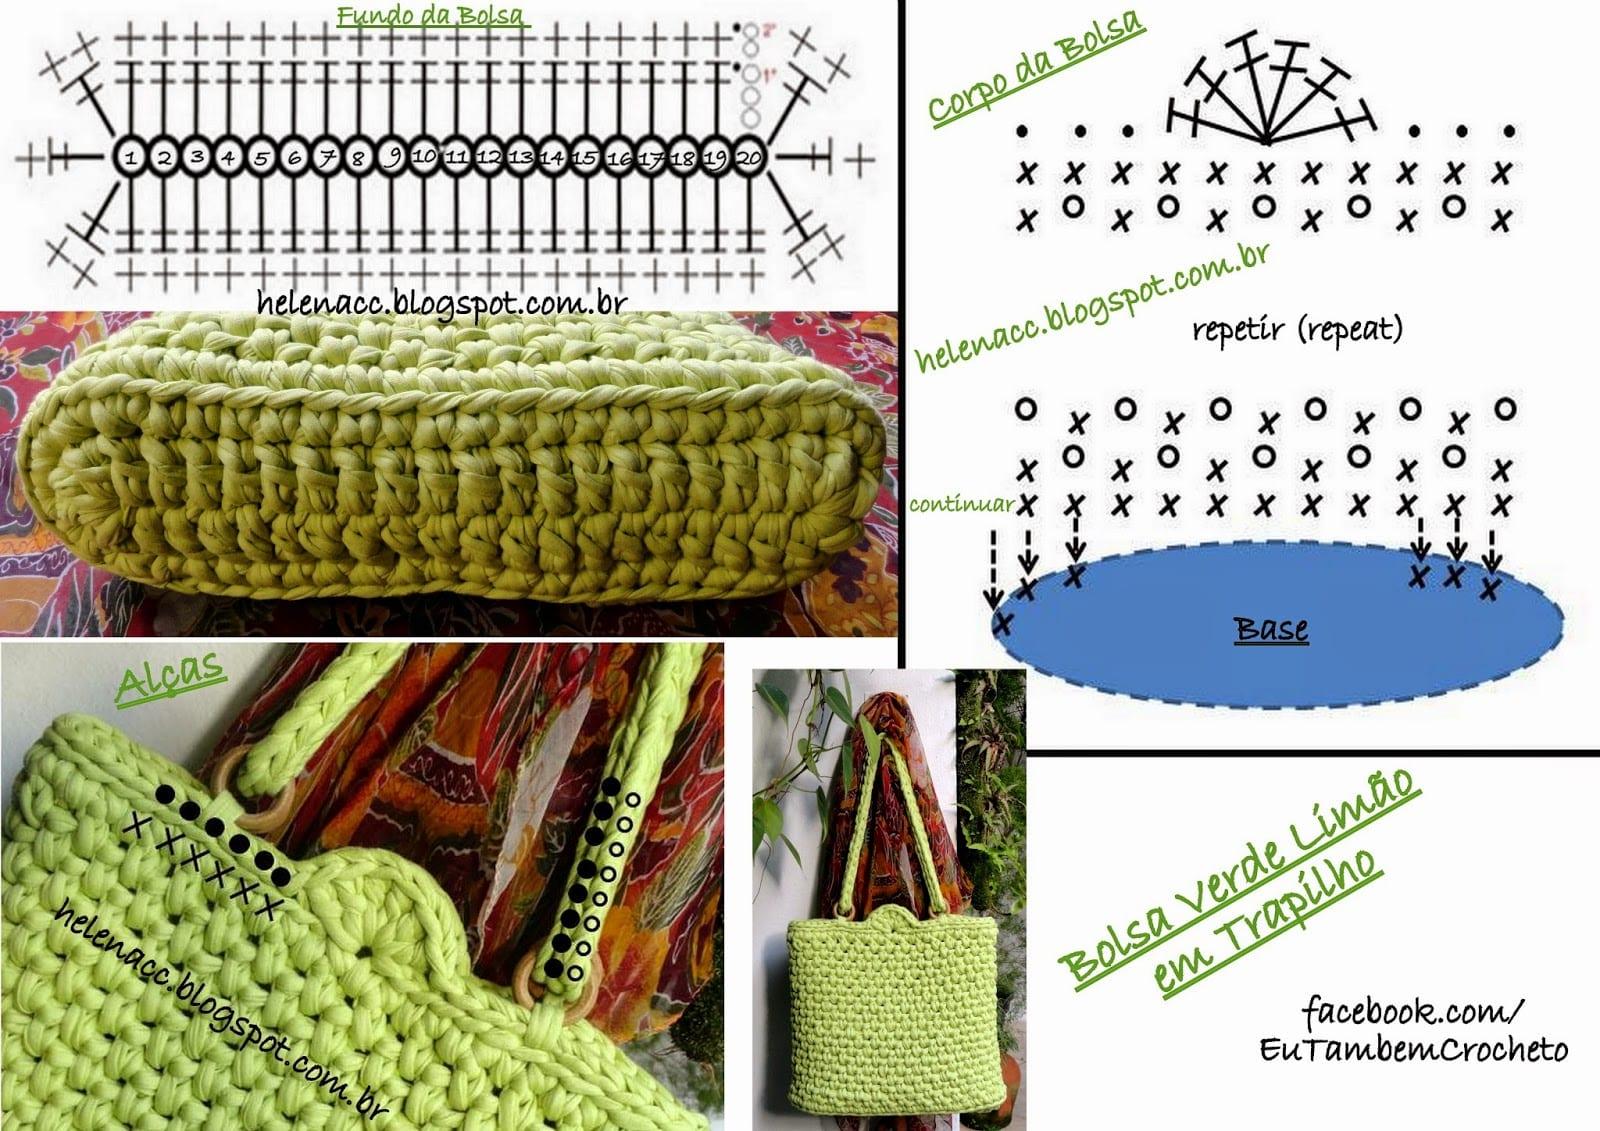 Вязаные сумки крючком: схемы и описания. 100 идей для вязание сумок 38